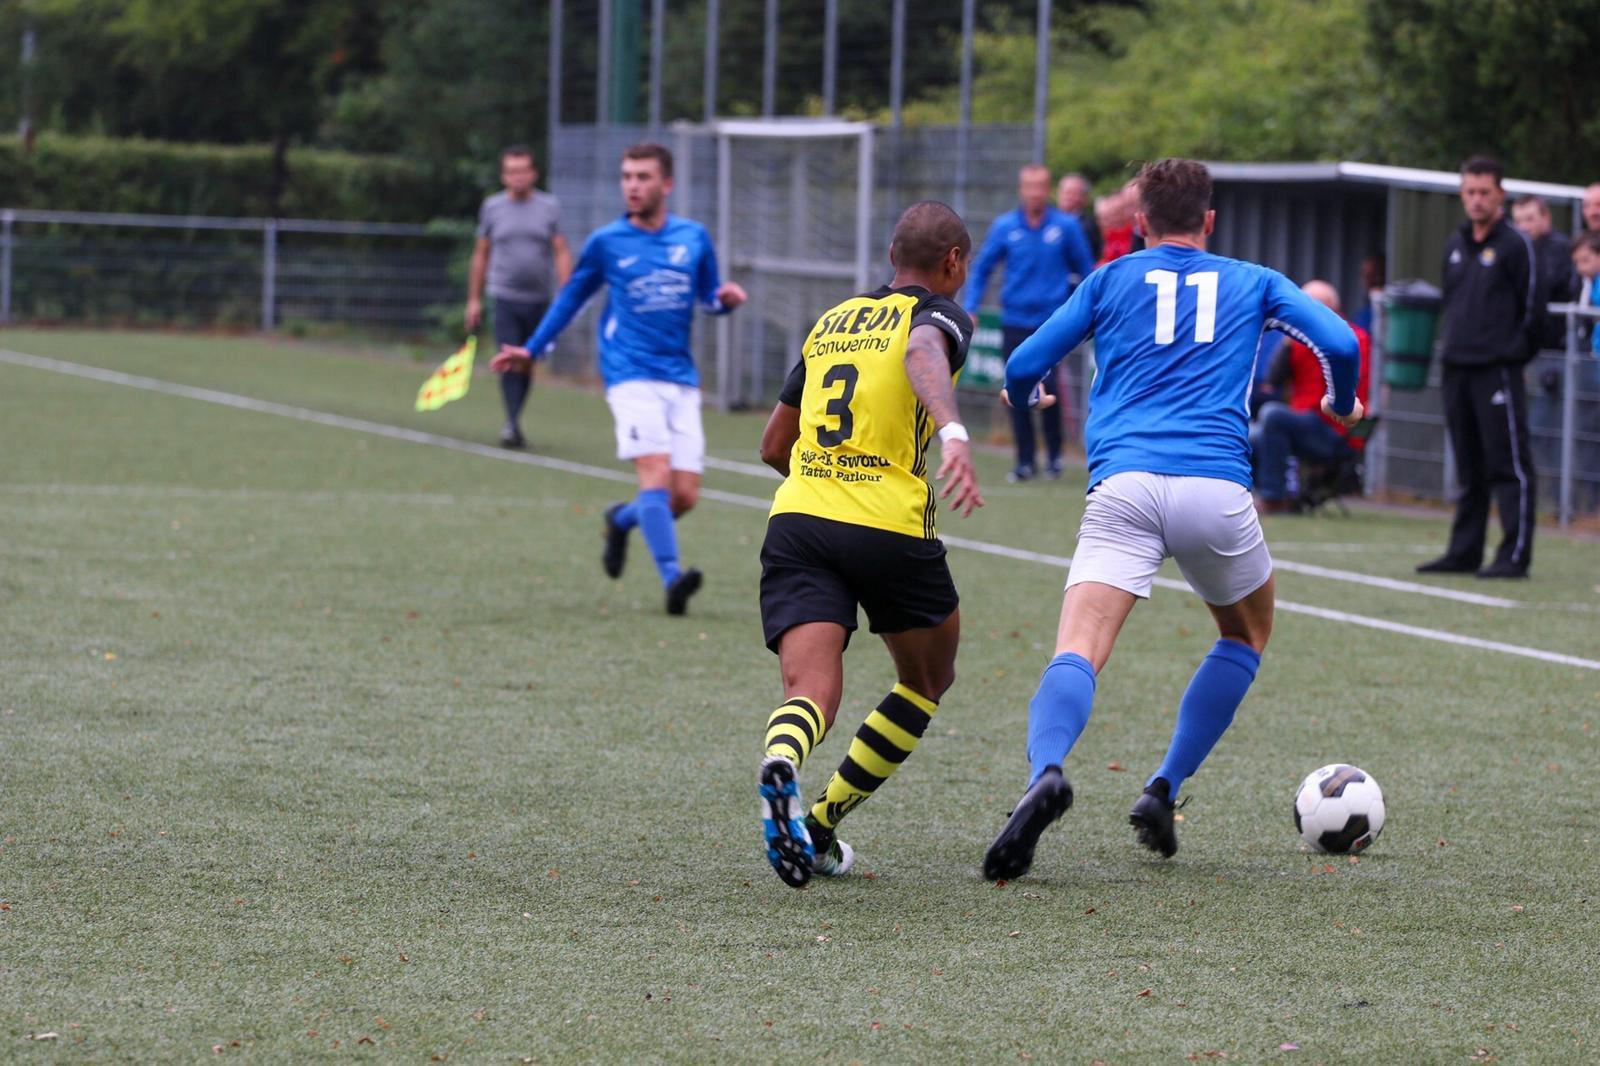 ⚽️ | AGOVV heeft gisteren de eerste wedstrijd op de Apeldoorn Cup verloren. Tegen Columbia werd het 5-0.   🔜 Dinsdag om 19.00 uur speelt AGOVV vs Alexandria (locatie CSV Apeldoorn) https://t.co/1YyjDwSBjS